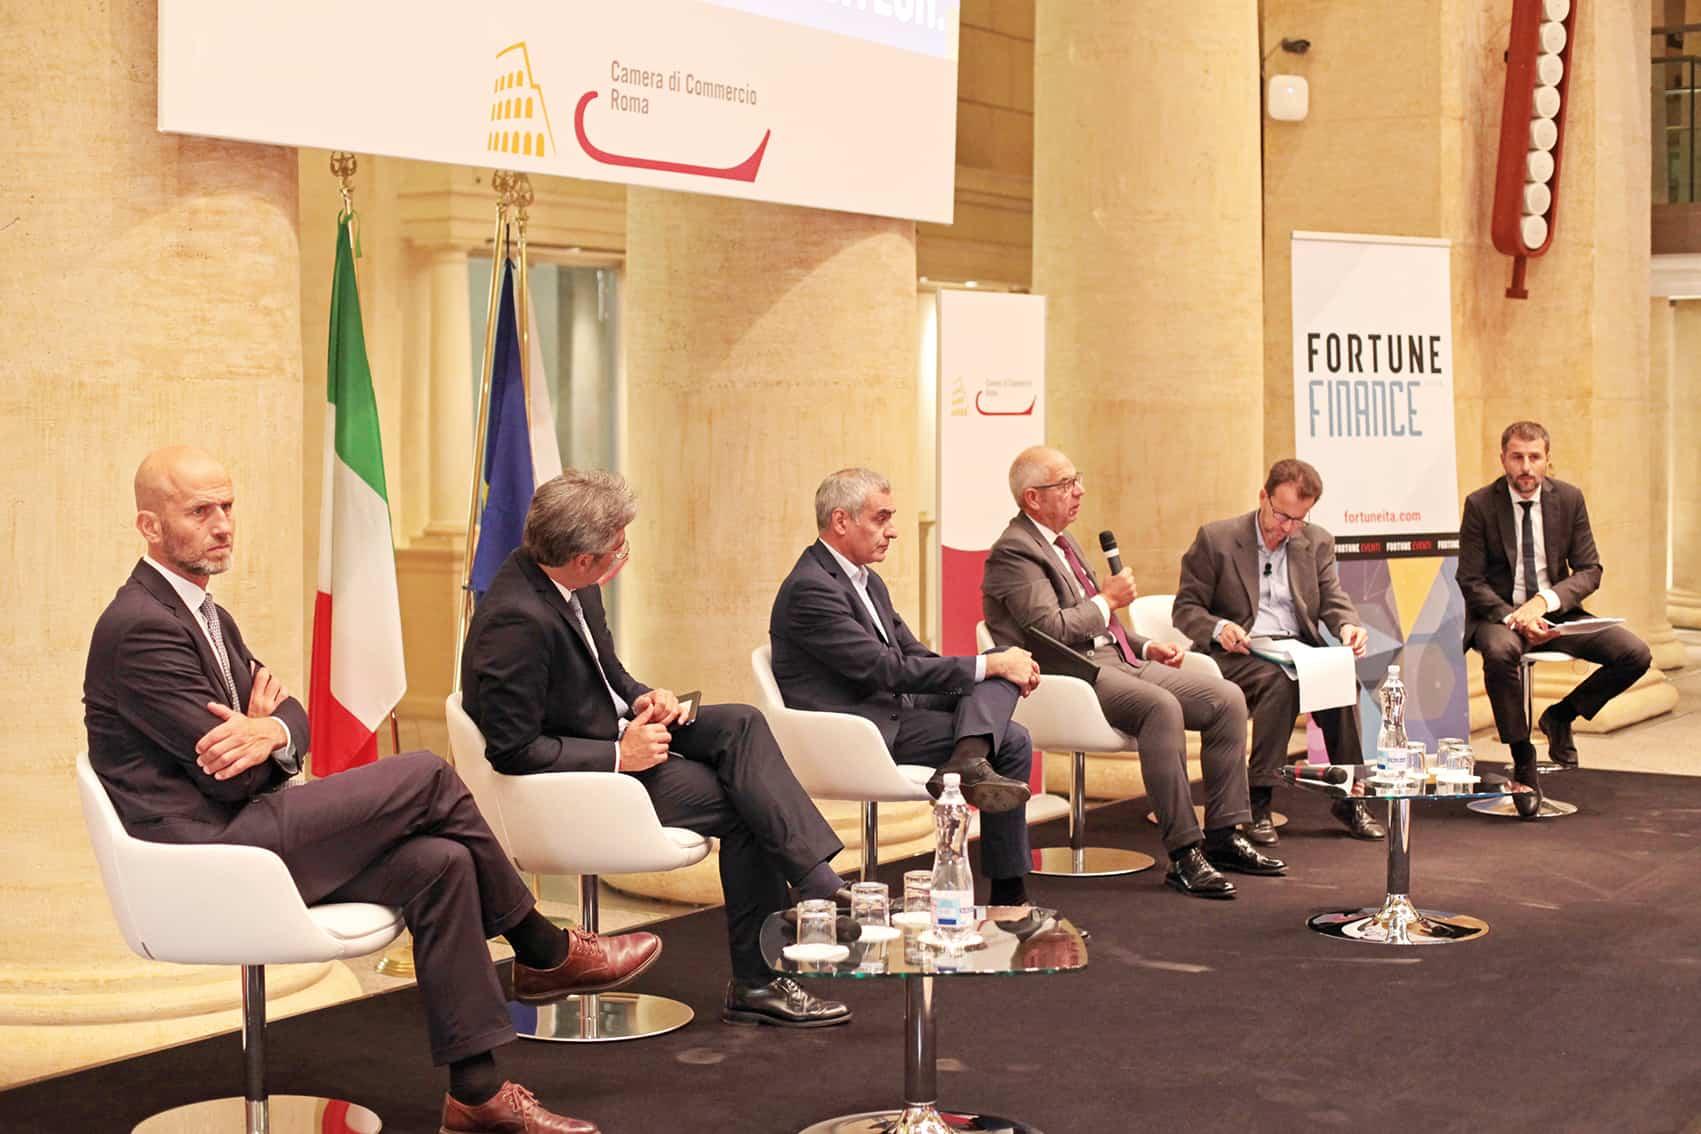 Fortune Italia Finance 2019 fintech